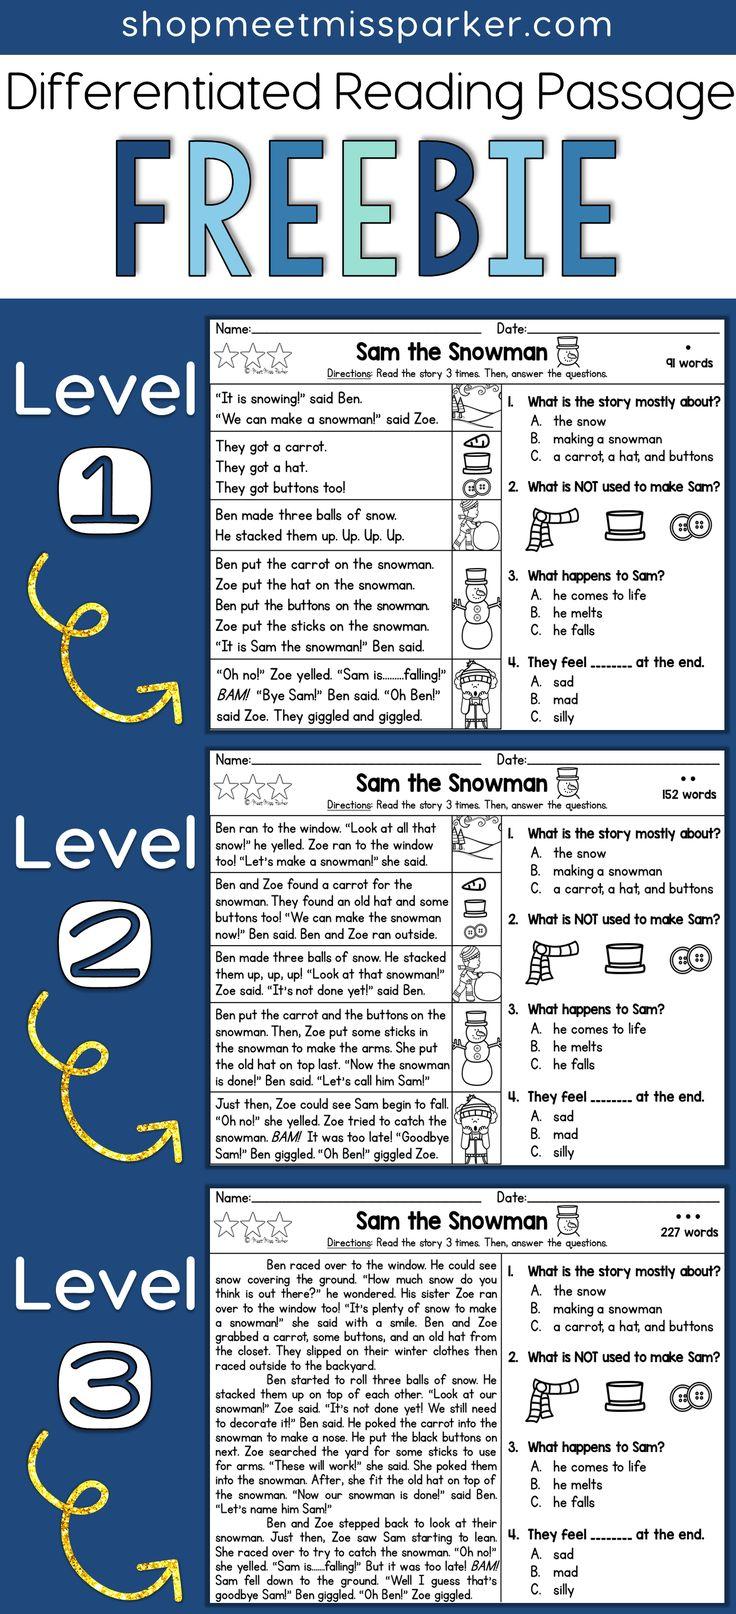 Workbooks k12 comprehension worksheets : Best 25+ Free reading comprehension worksheets ideas on Pinterest ...